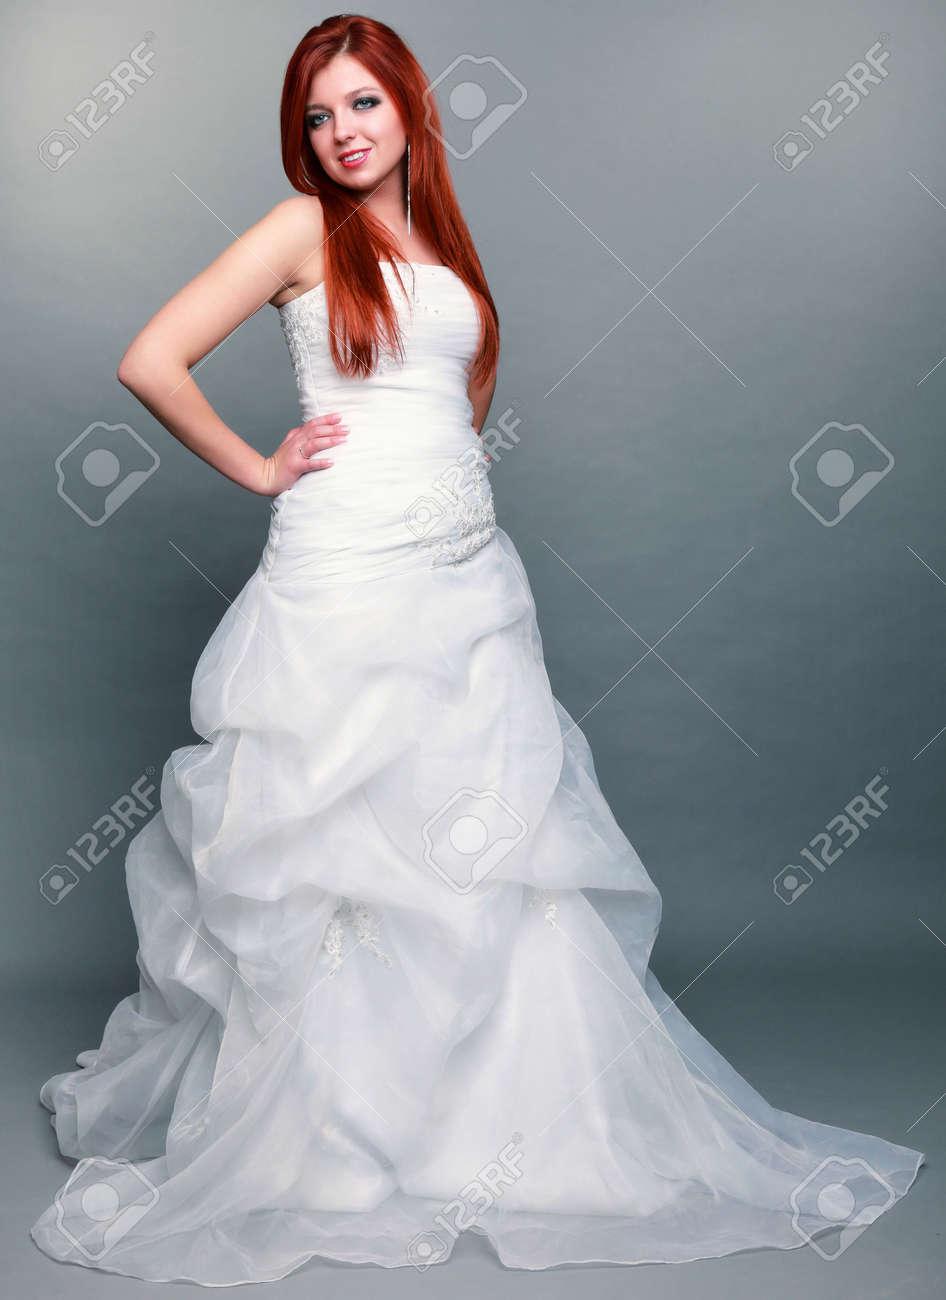 zapatos de temperamento nueva colección genuino mejor calificado Día de la boda. Retrato de hermoso vestido blanco de ojos azules pelo rojo  largo de la novia feliz en Disparo de estudio sobre fondo gris